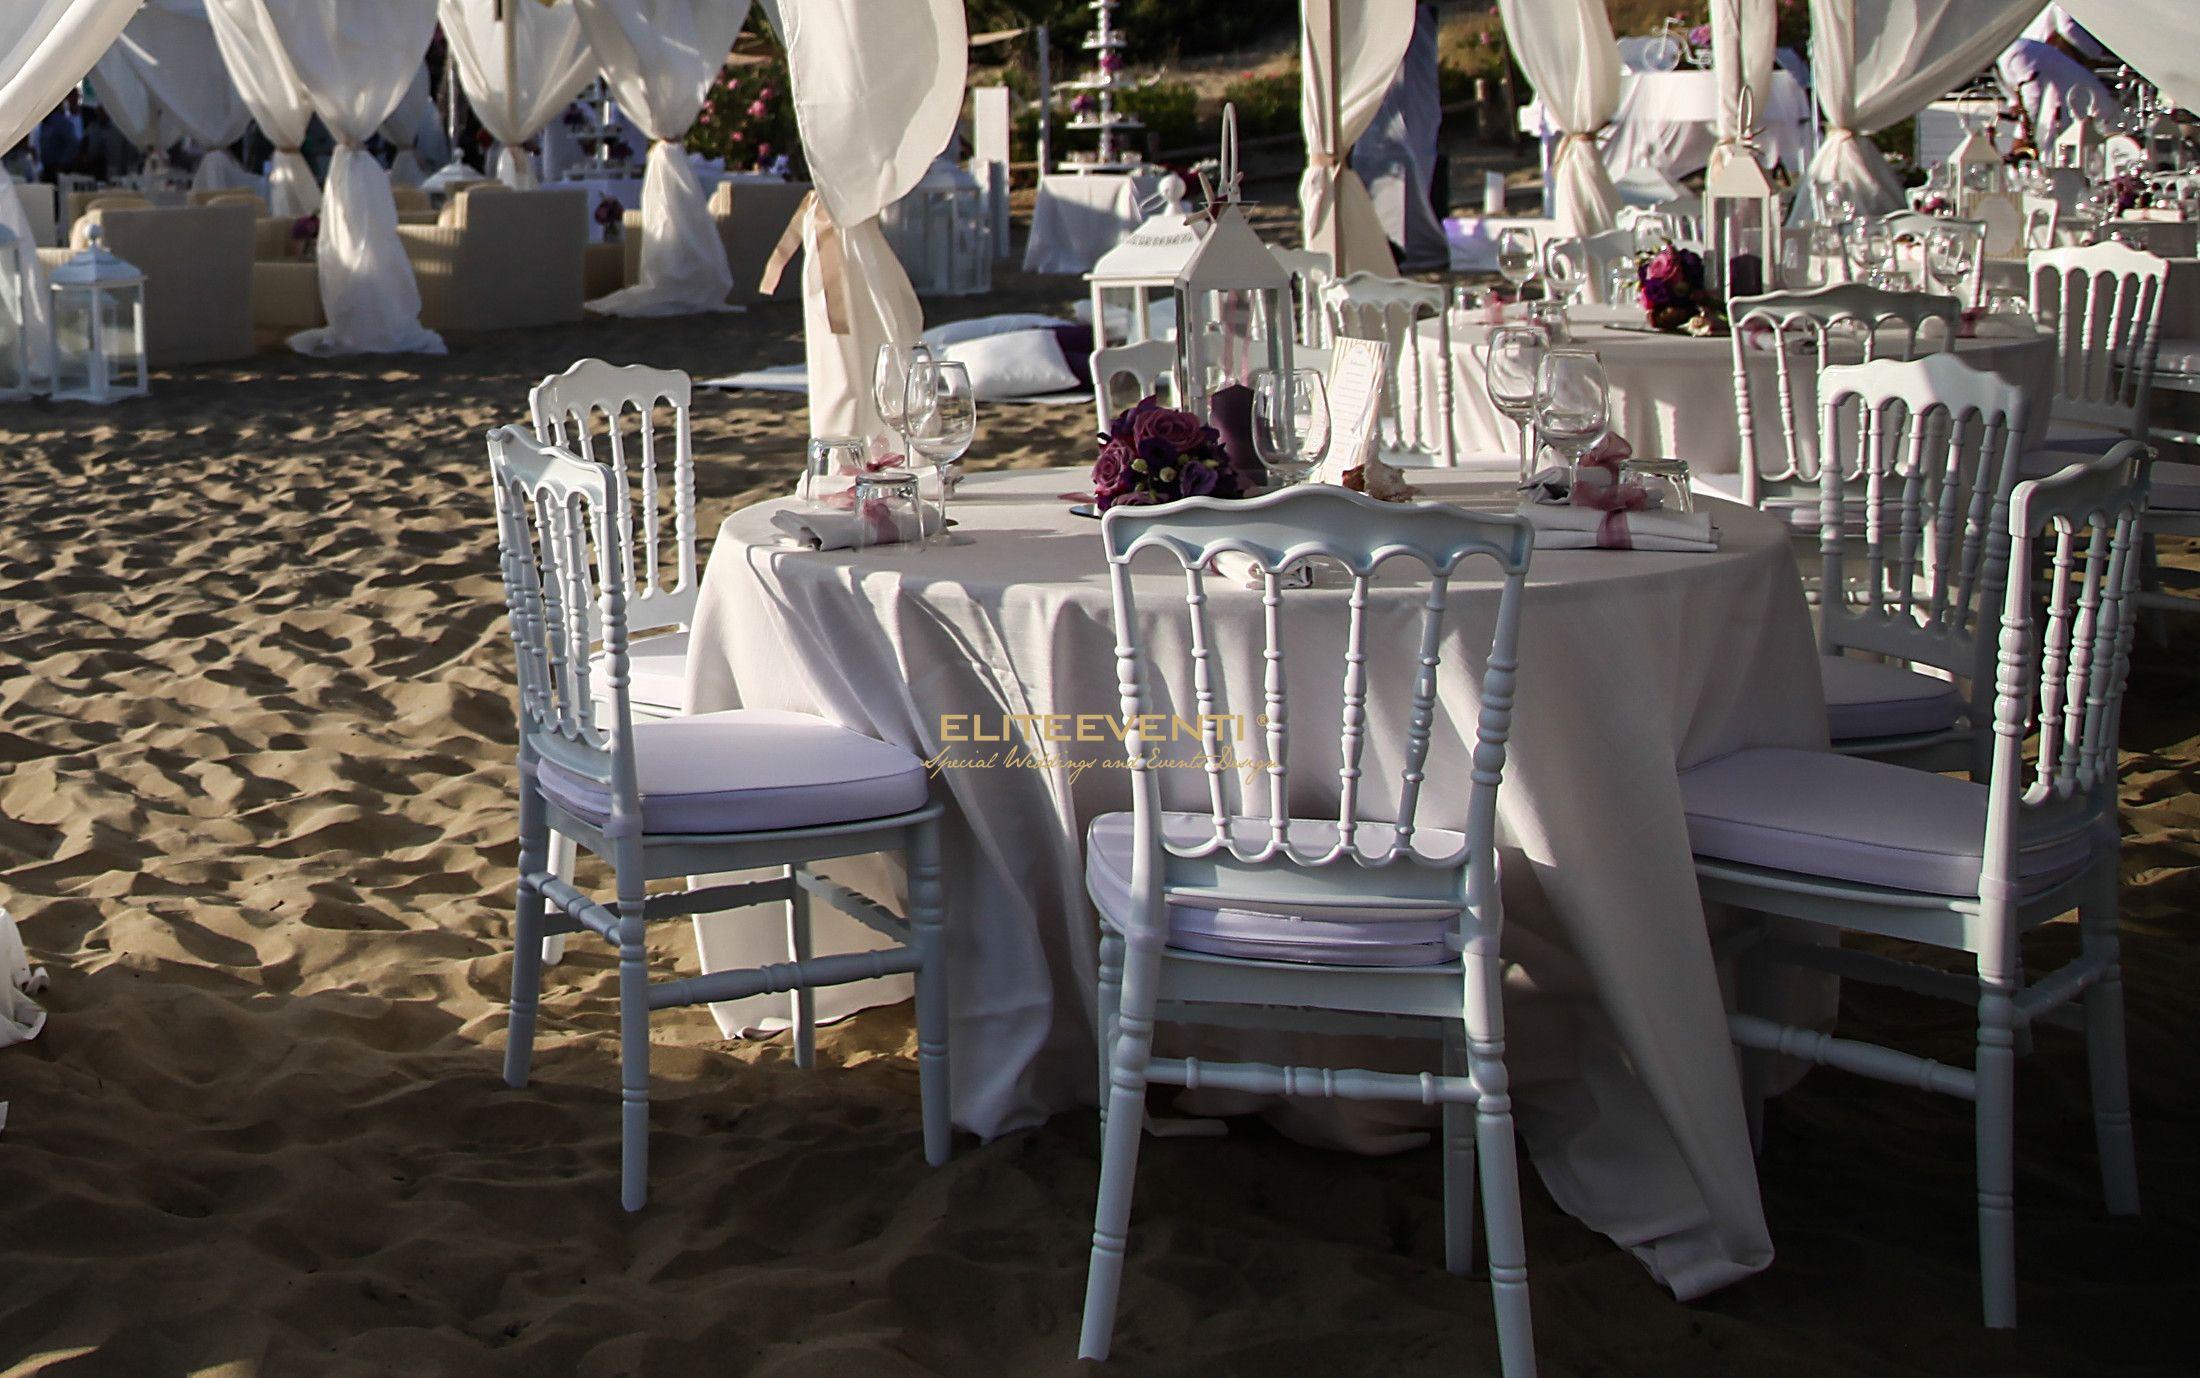 tavoli_invitati_matrimonio_in_spiaggia_by_Eliteeventi